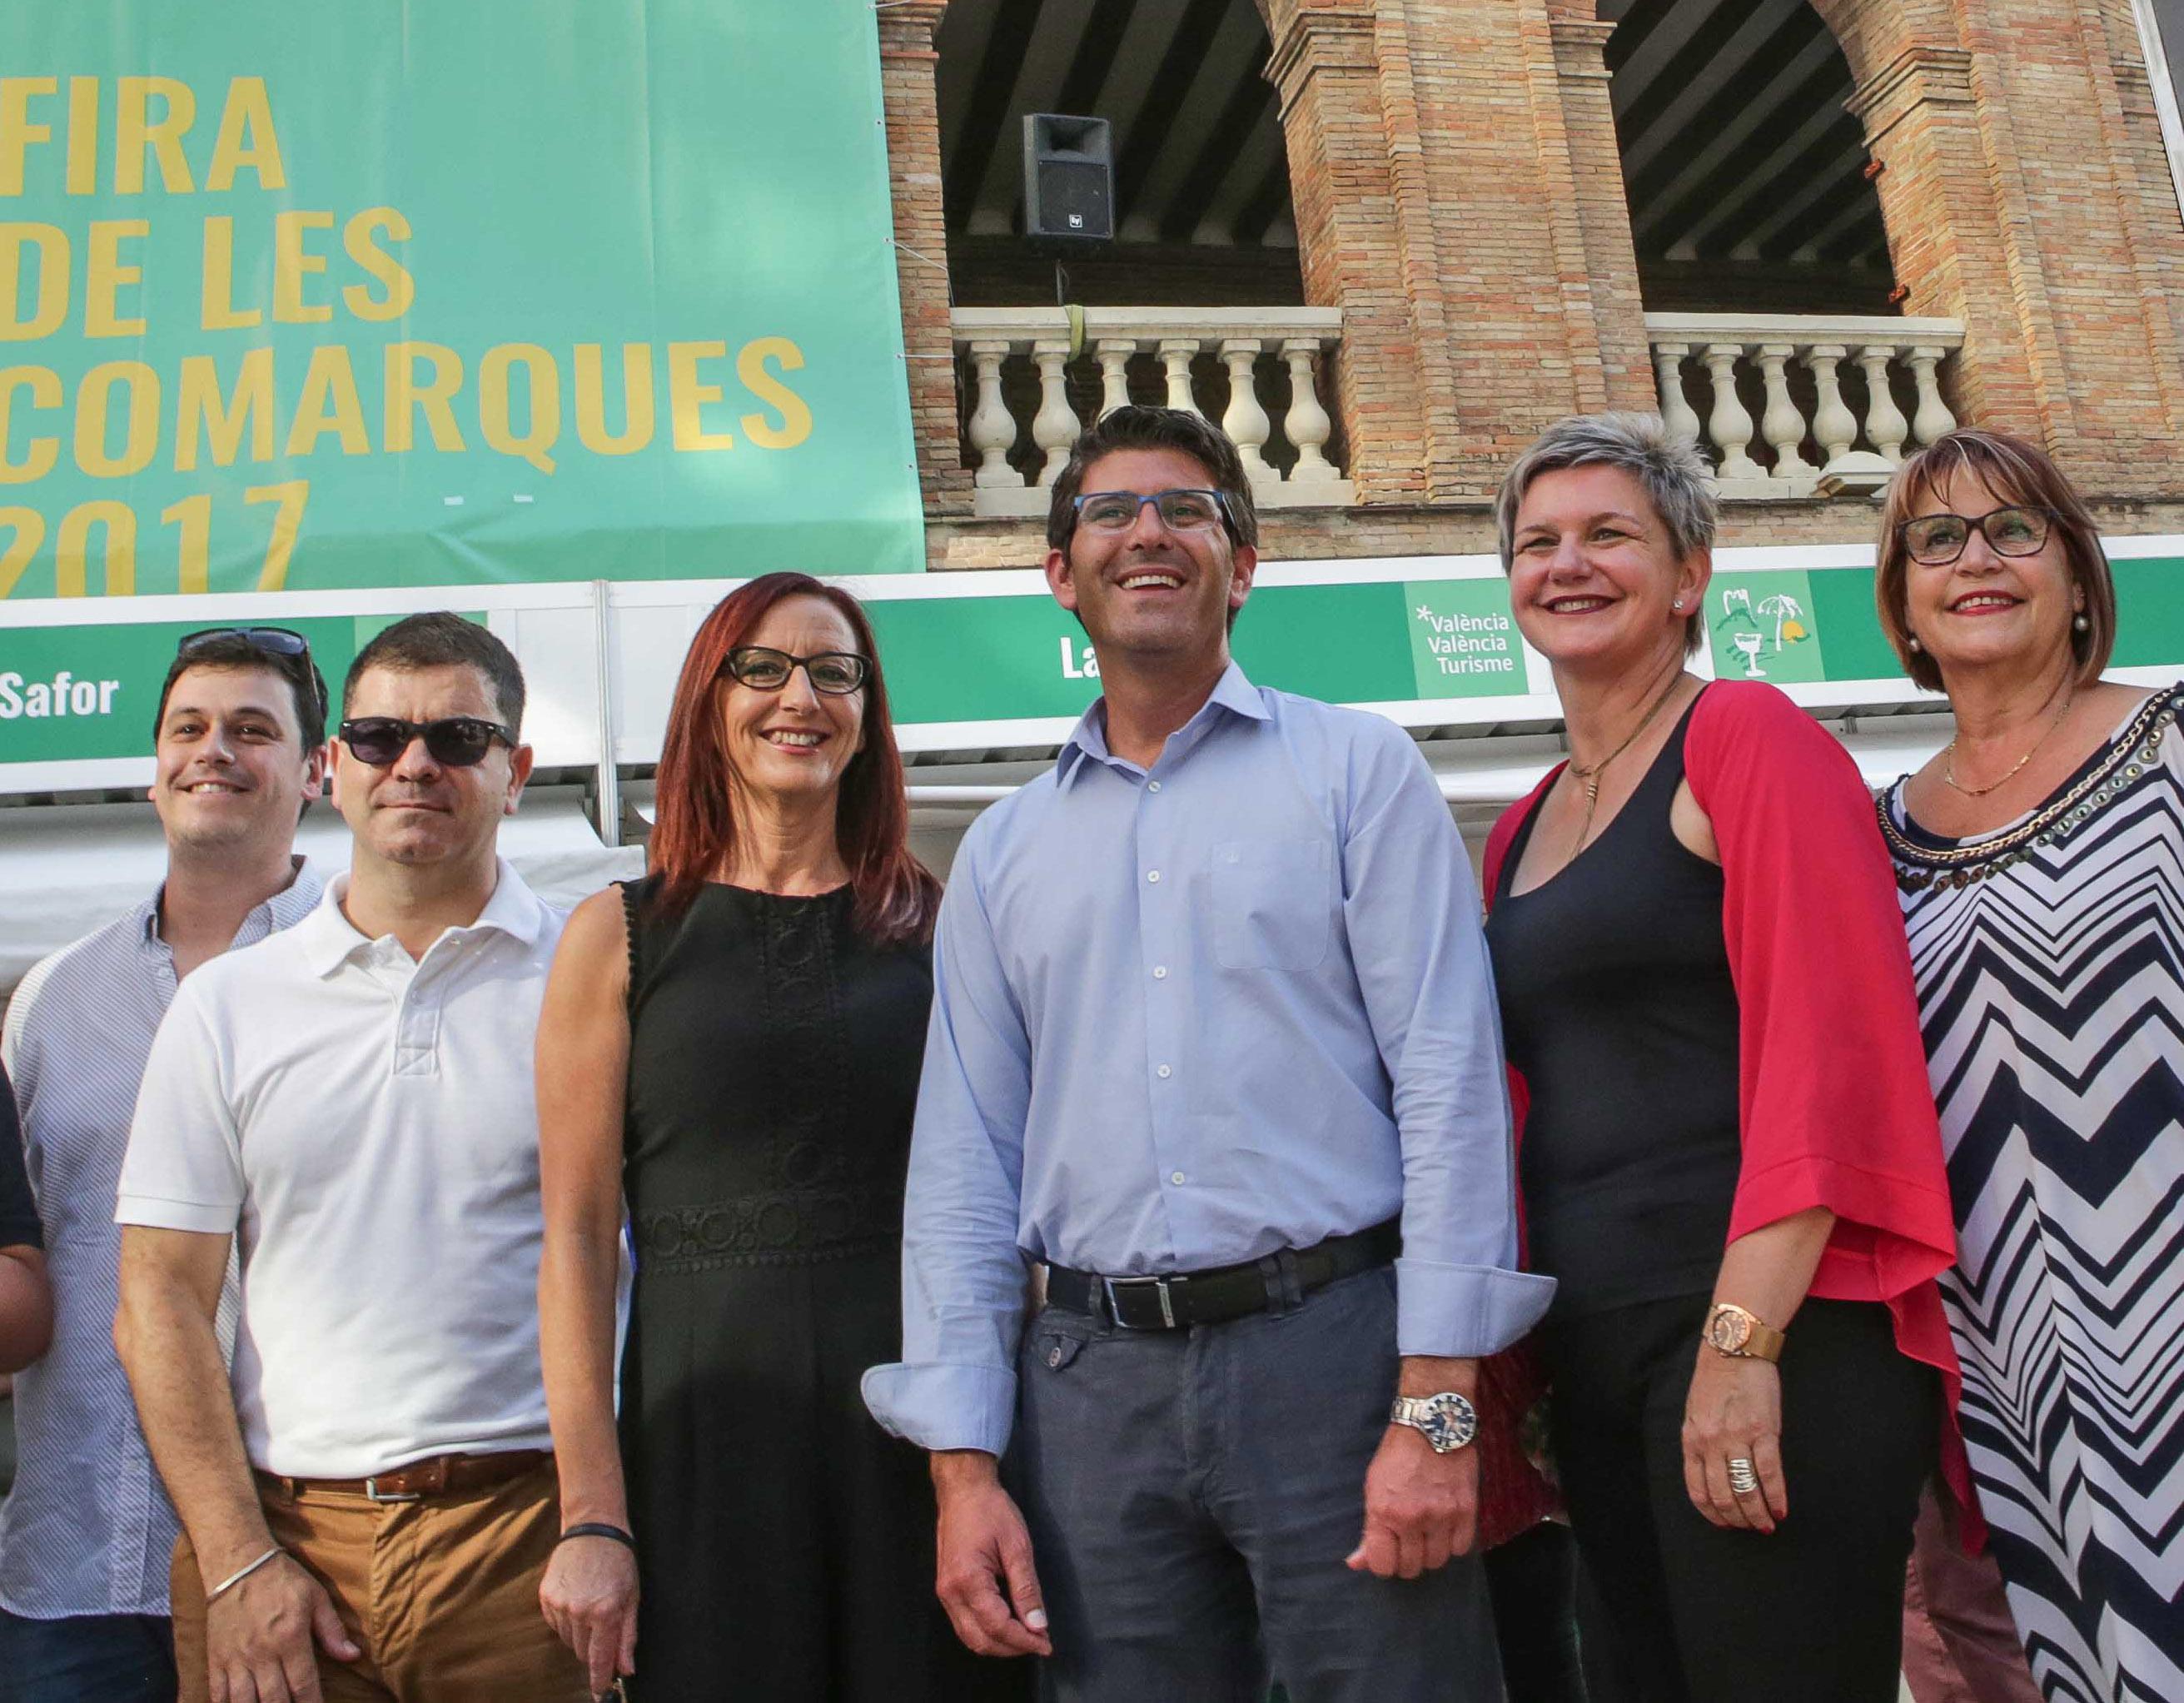 Presentación de la edición de la Fira de les Comarques de 2017.